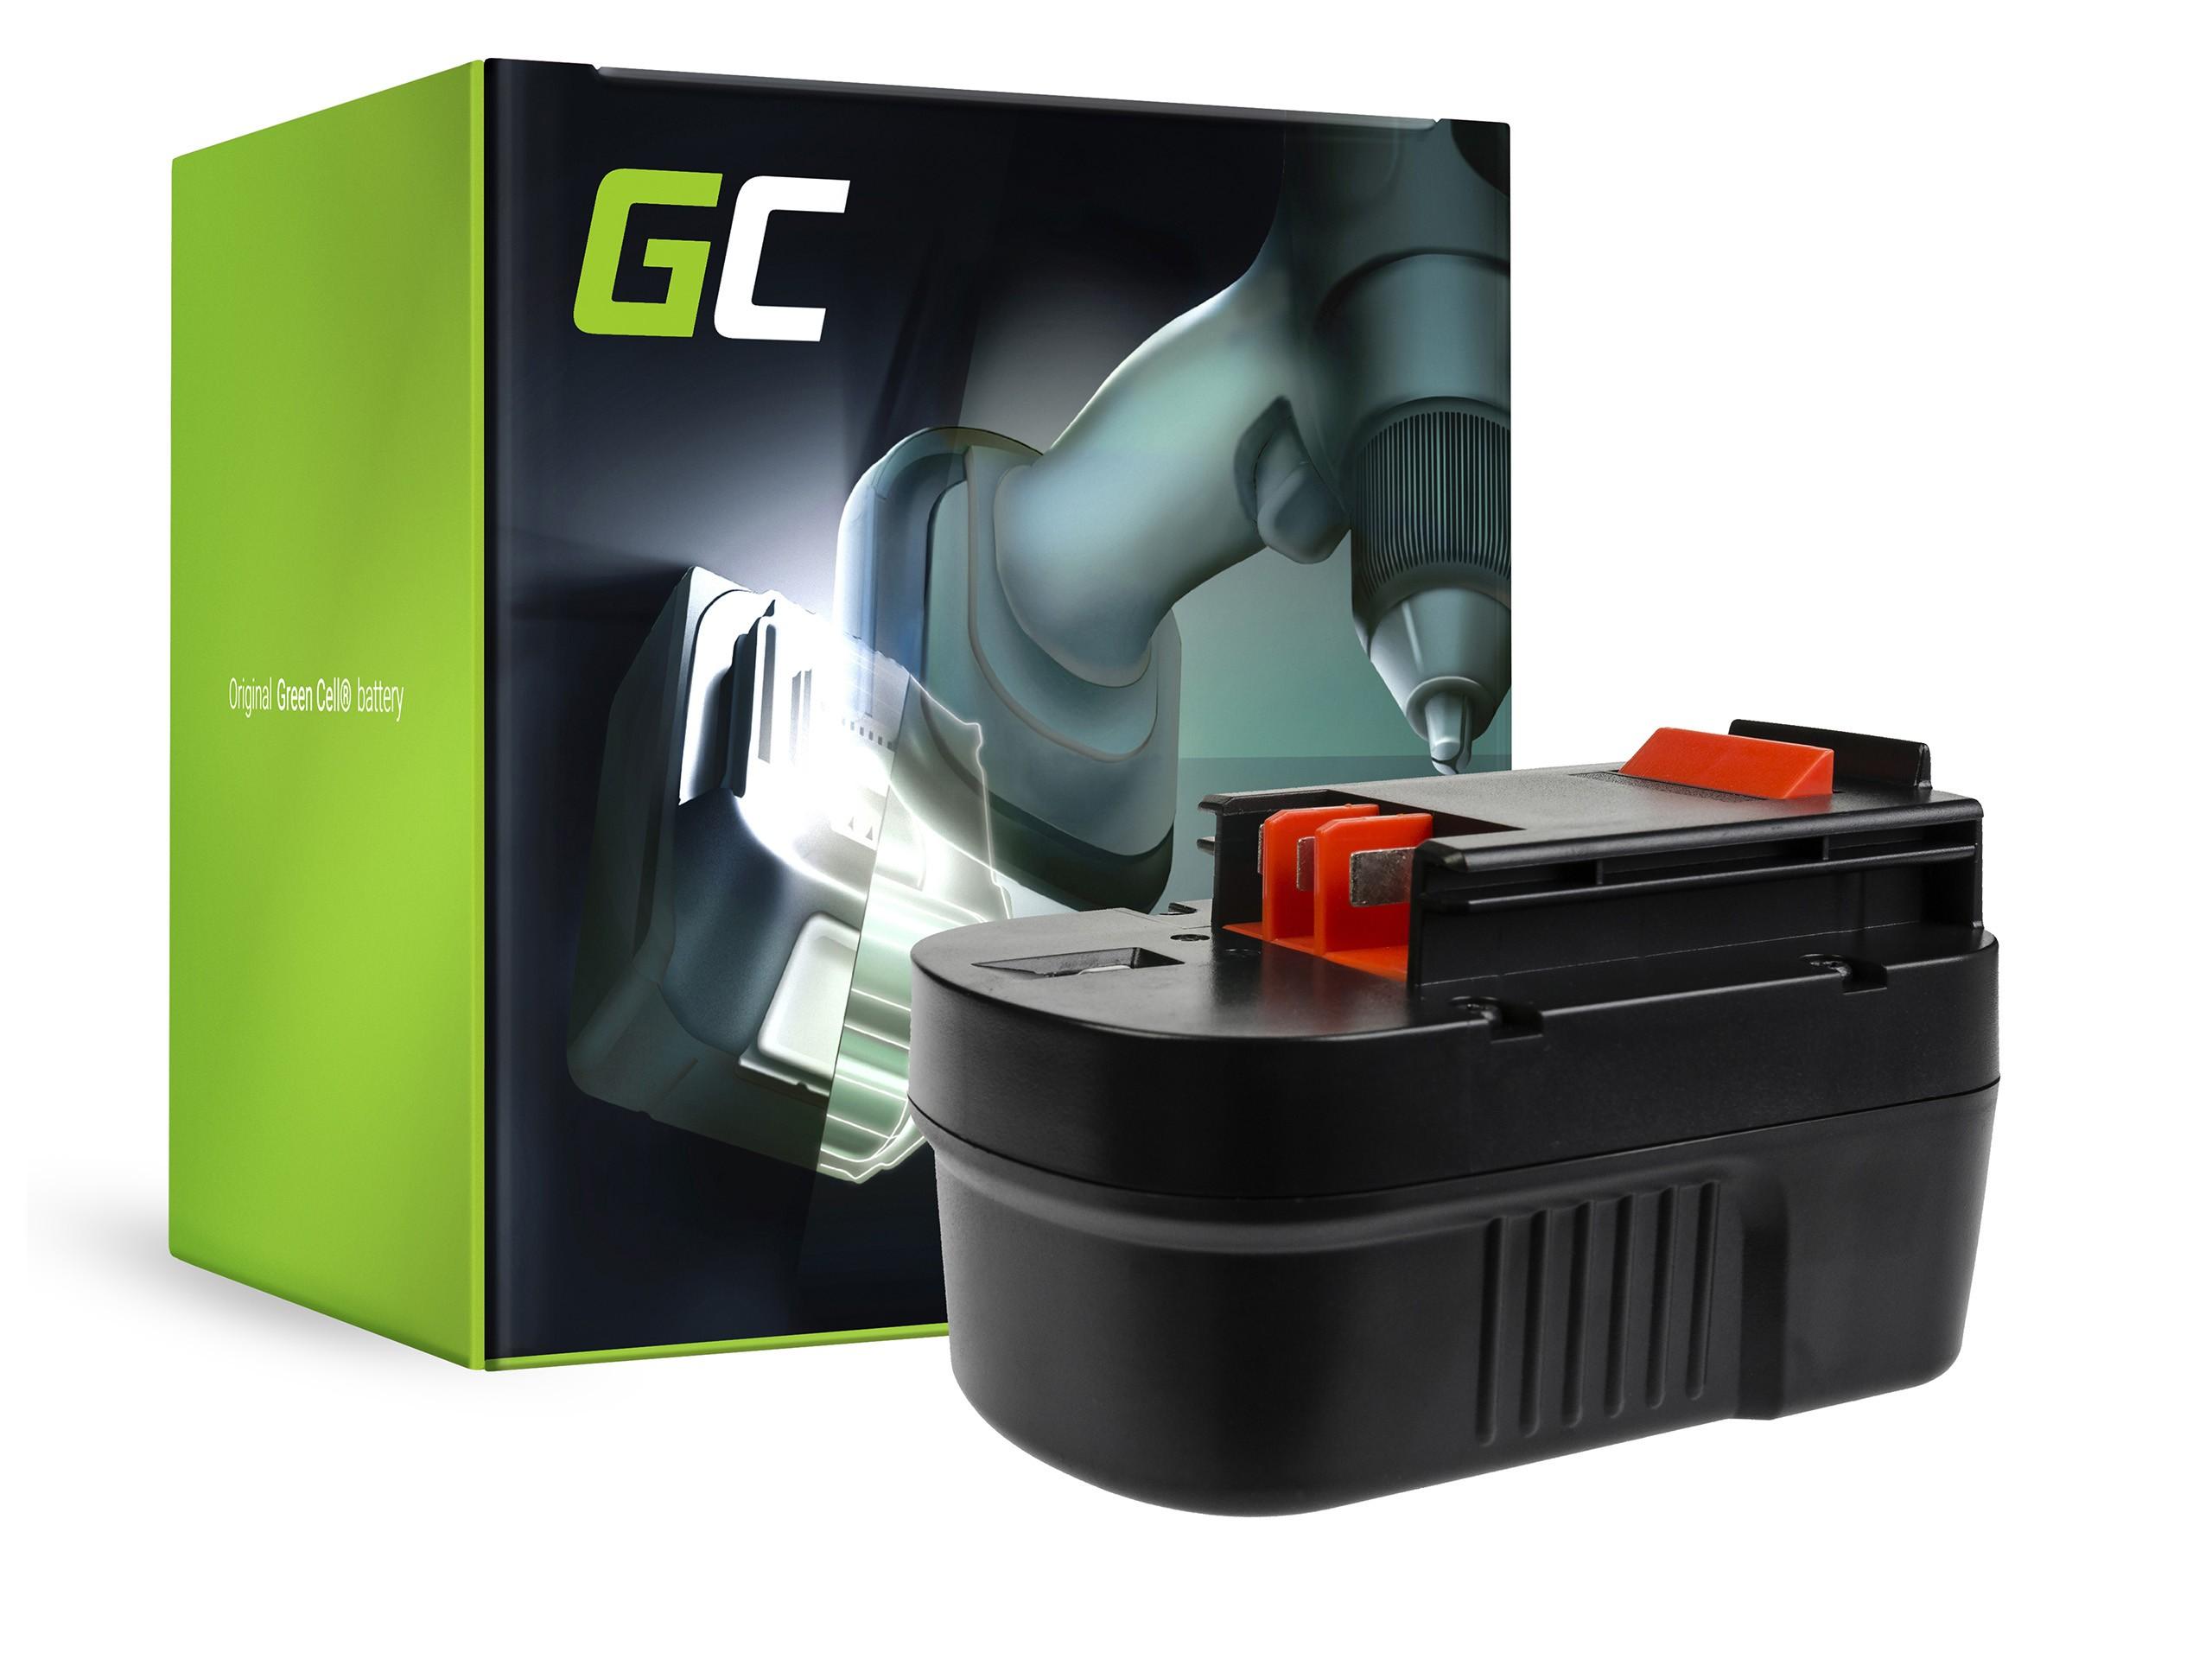 Green Cellverktygsbatteri A14 HPB14 FSB14 för Black&Decker CP14K EPC14 EPC14CA HP142K XTC143 Firestorm FS1400 FS14PS PS142K